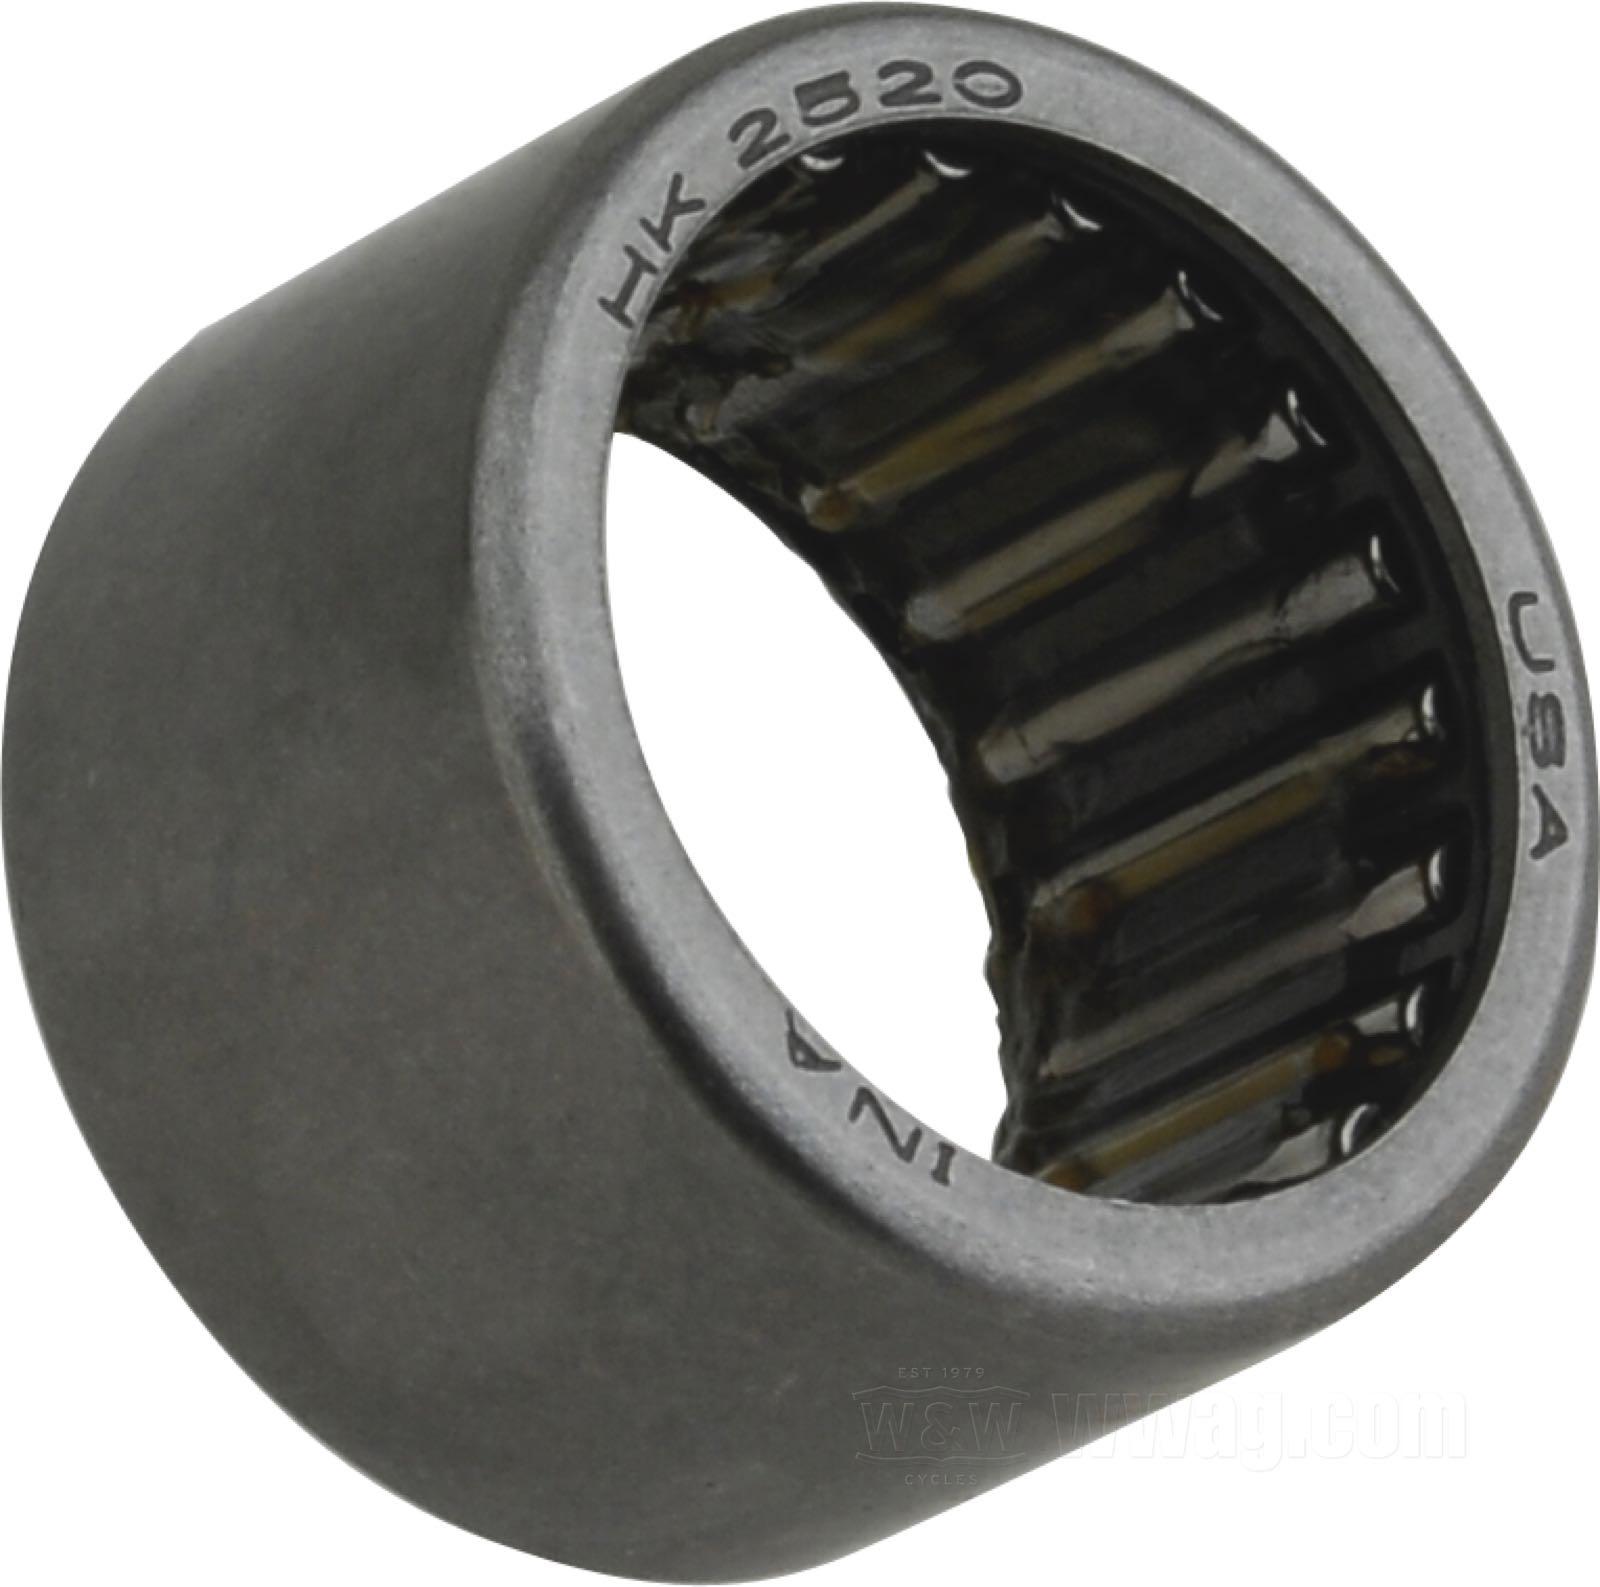 Mainshaft Ball Bearing Snap Rings for 5-Speed XL  James Gasket 11161